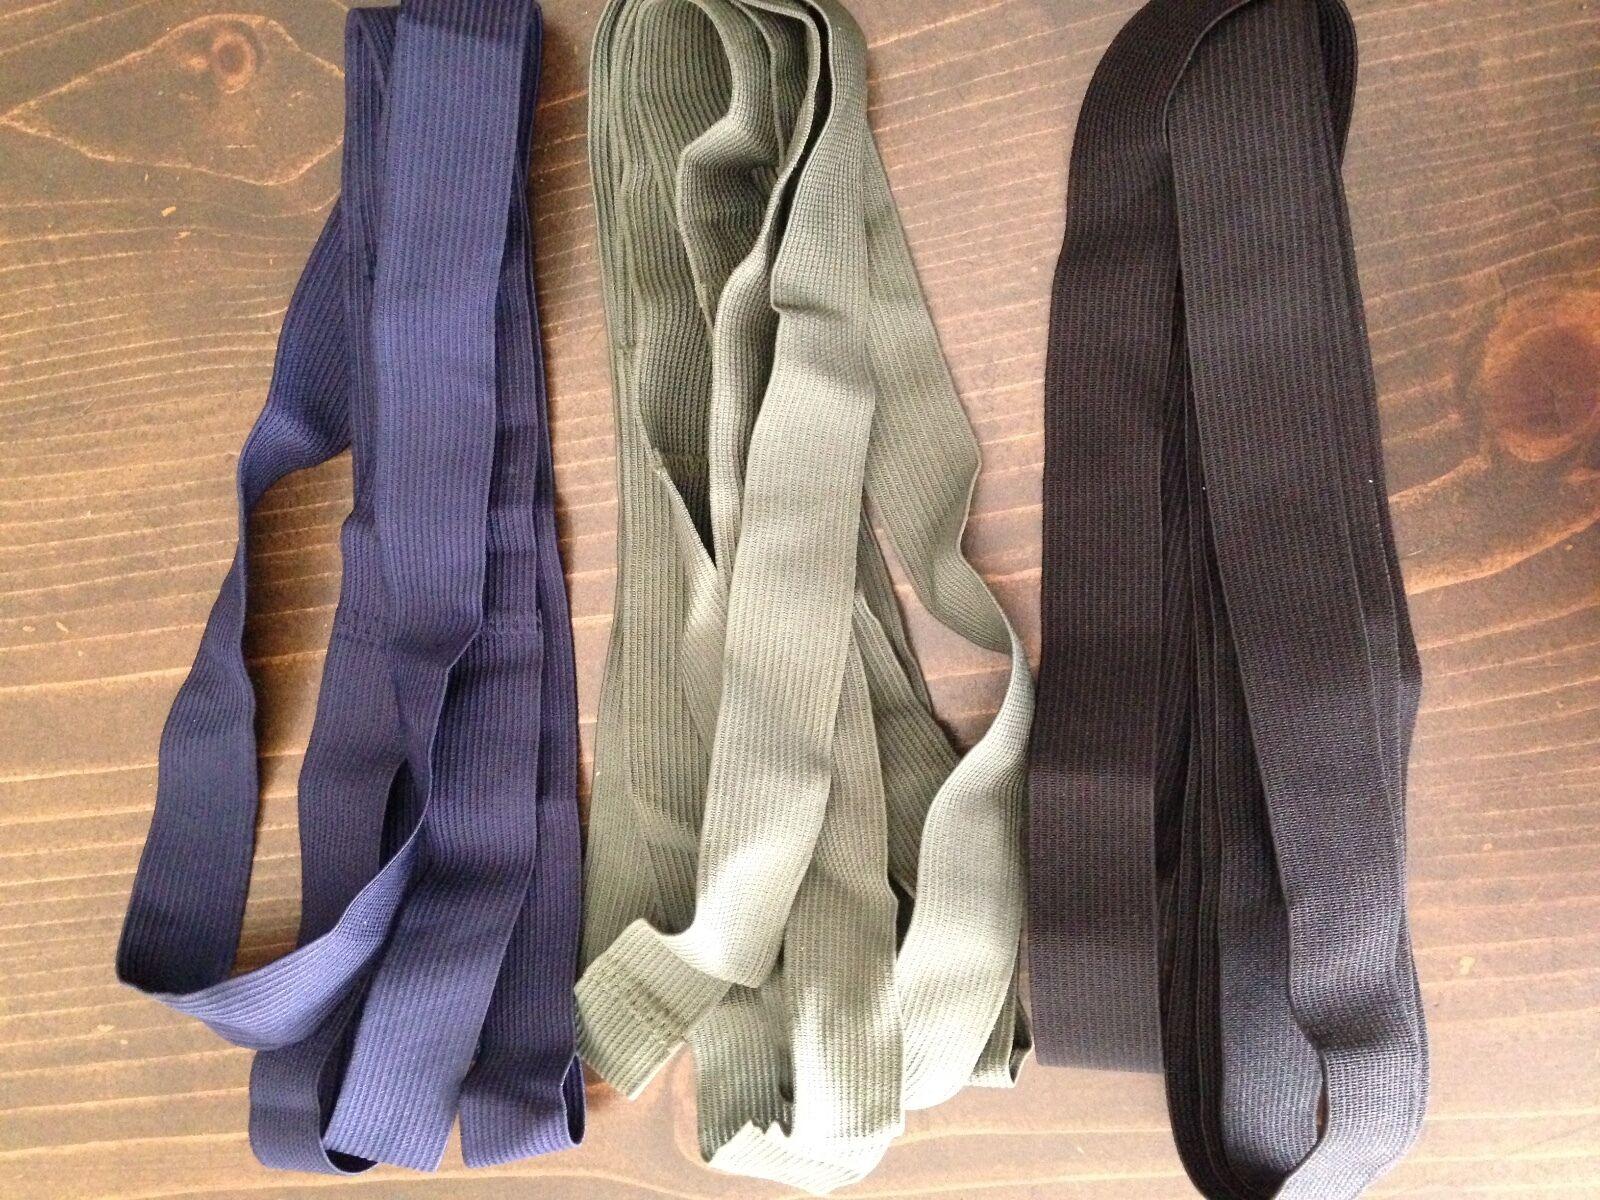 1 1/4 inch Black Blue Green Elastic Strap, Webbing, Band 1 f